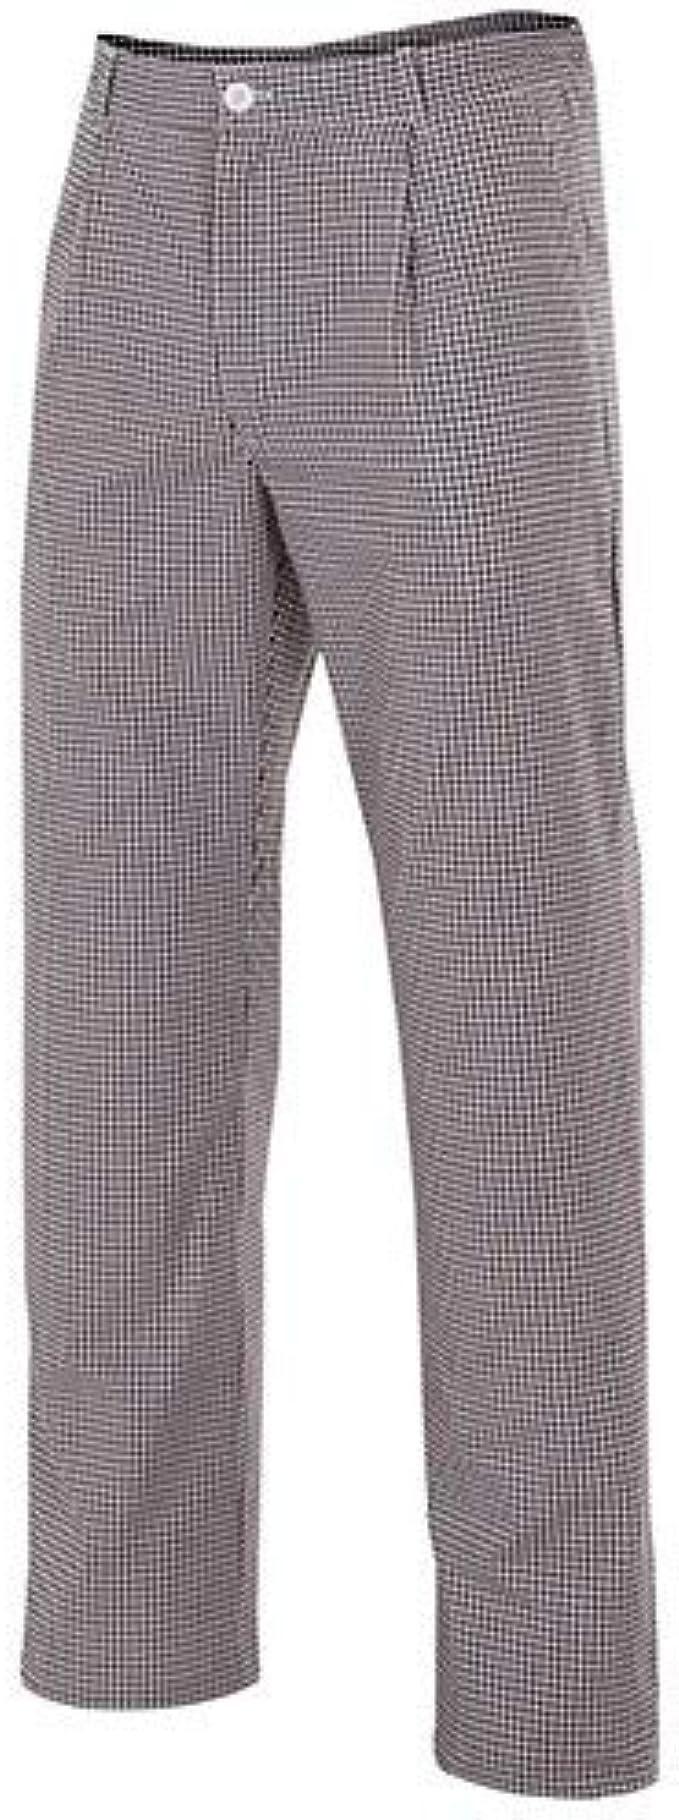 Bleu Marine Velilla Pantalon de Cuisine /à Carreaux 3 Poches 65/% Polyester 35/% Coton 120 GR//m2 351